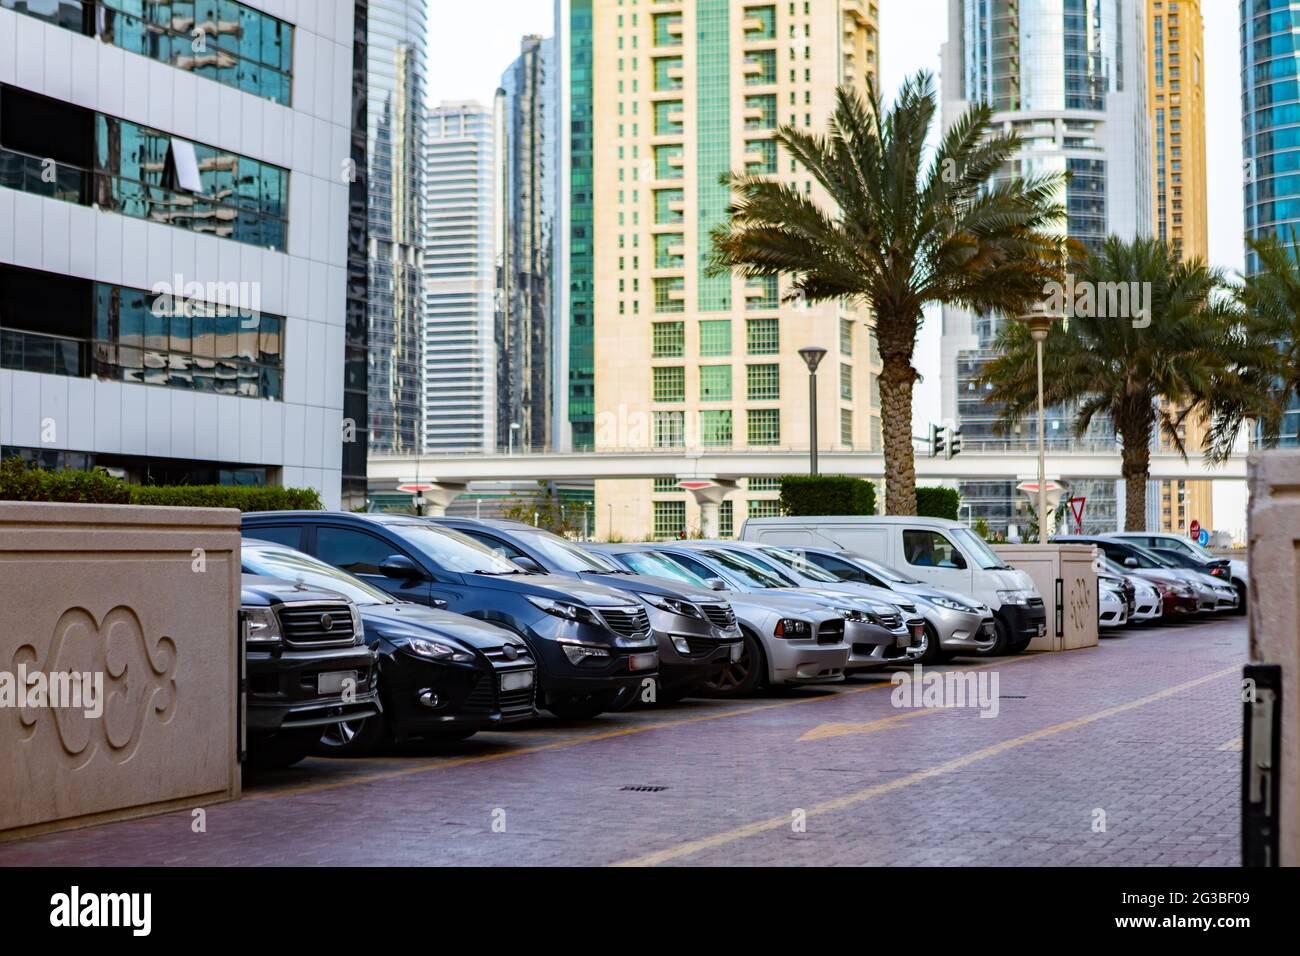 DUBAI, EAU - 2020 DE MARZO: Coches en el aparcamiento en una calle de Dubai Foto de stock